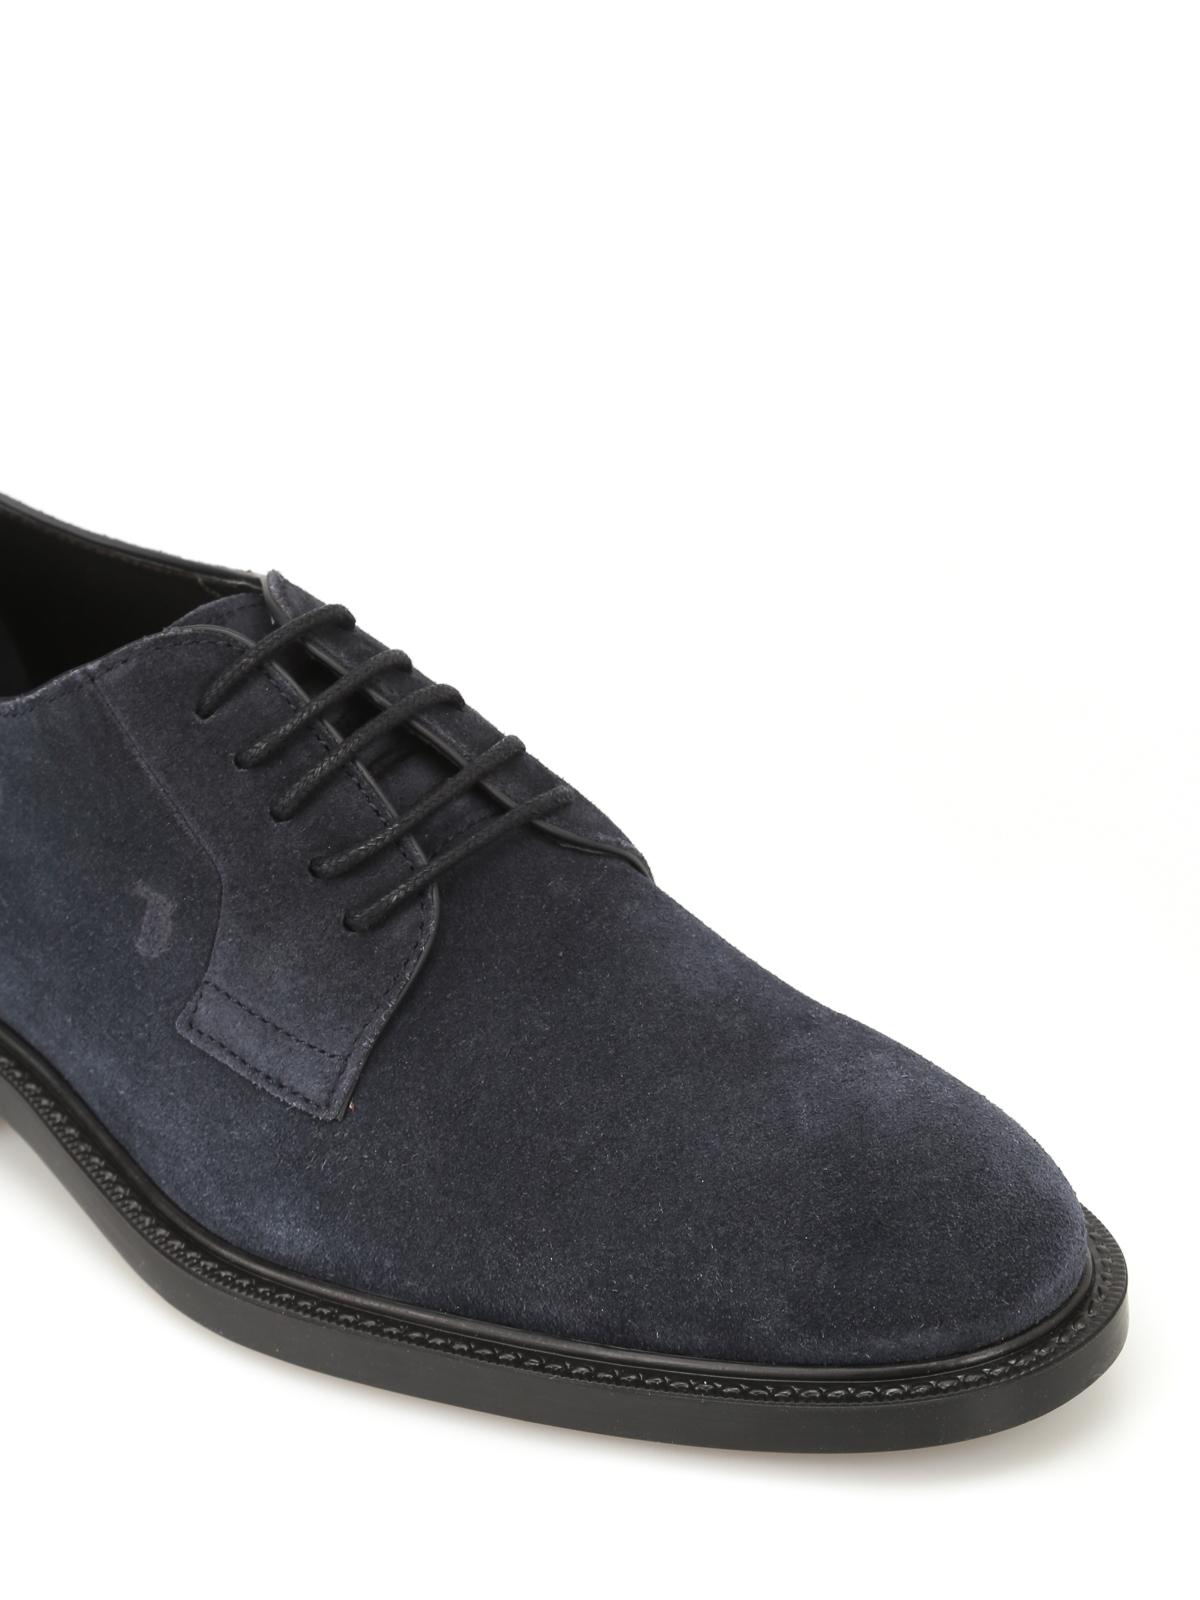 1297bb86b9d7ee Tod S - Scarpe derby in suede allacciate - scarpe stringate ...